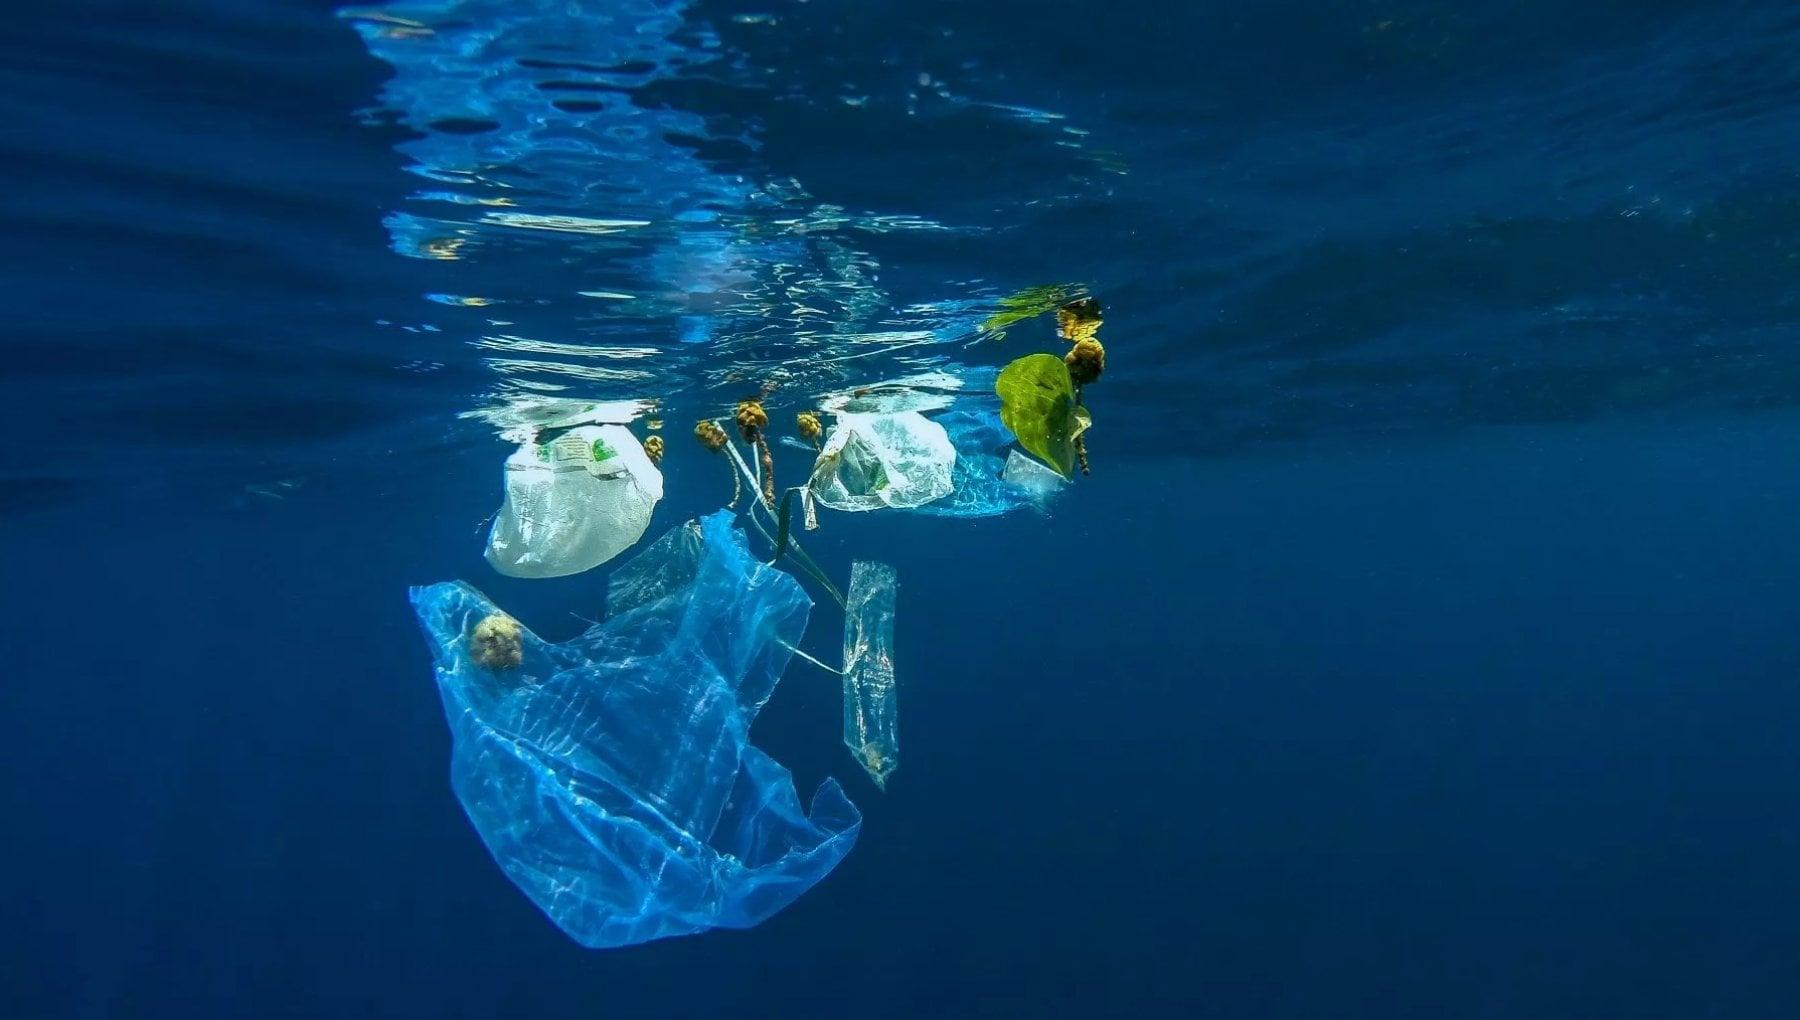 Accordo mondiale per arginare il fiume di plastica, UK e Stati Uniti dicono no